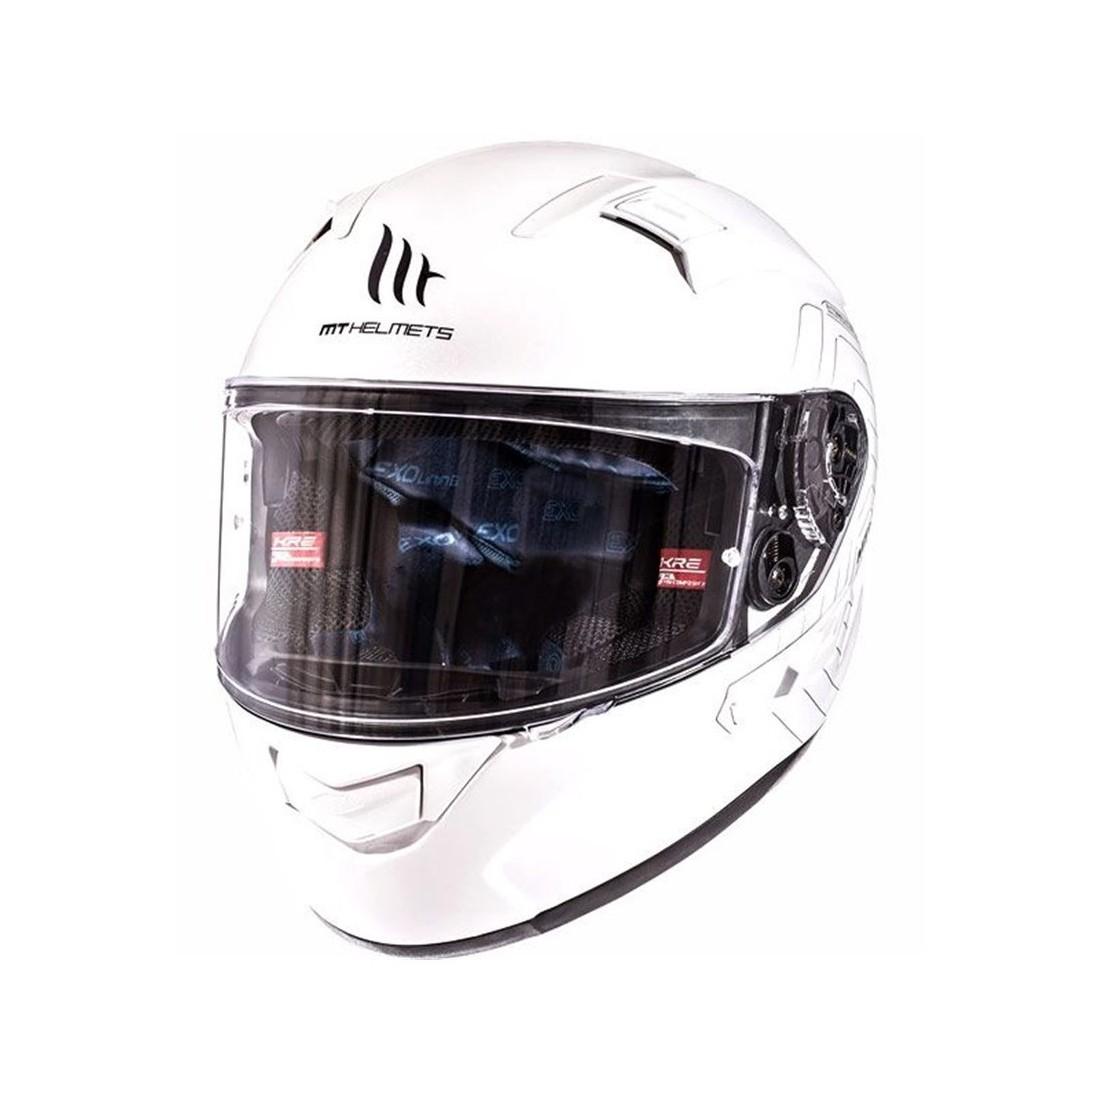 Casco MT FF103SV KRE SV Solid Blanco Perlado Brillo TALLA CASCO XS